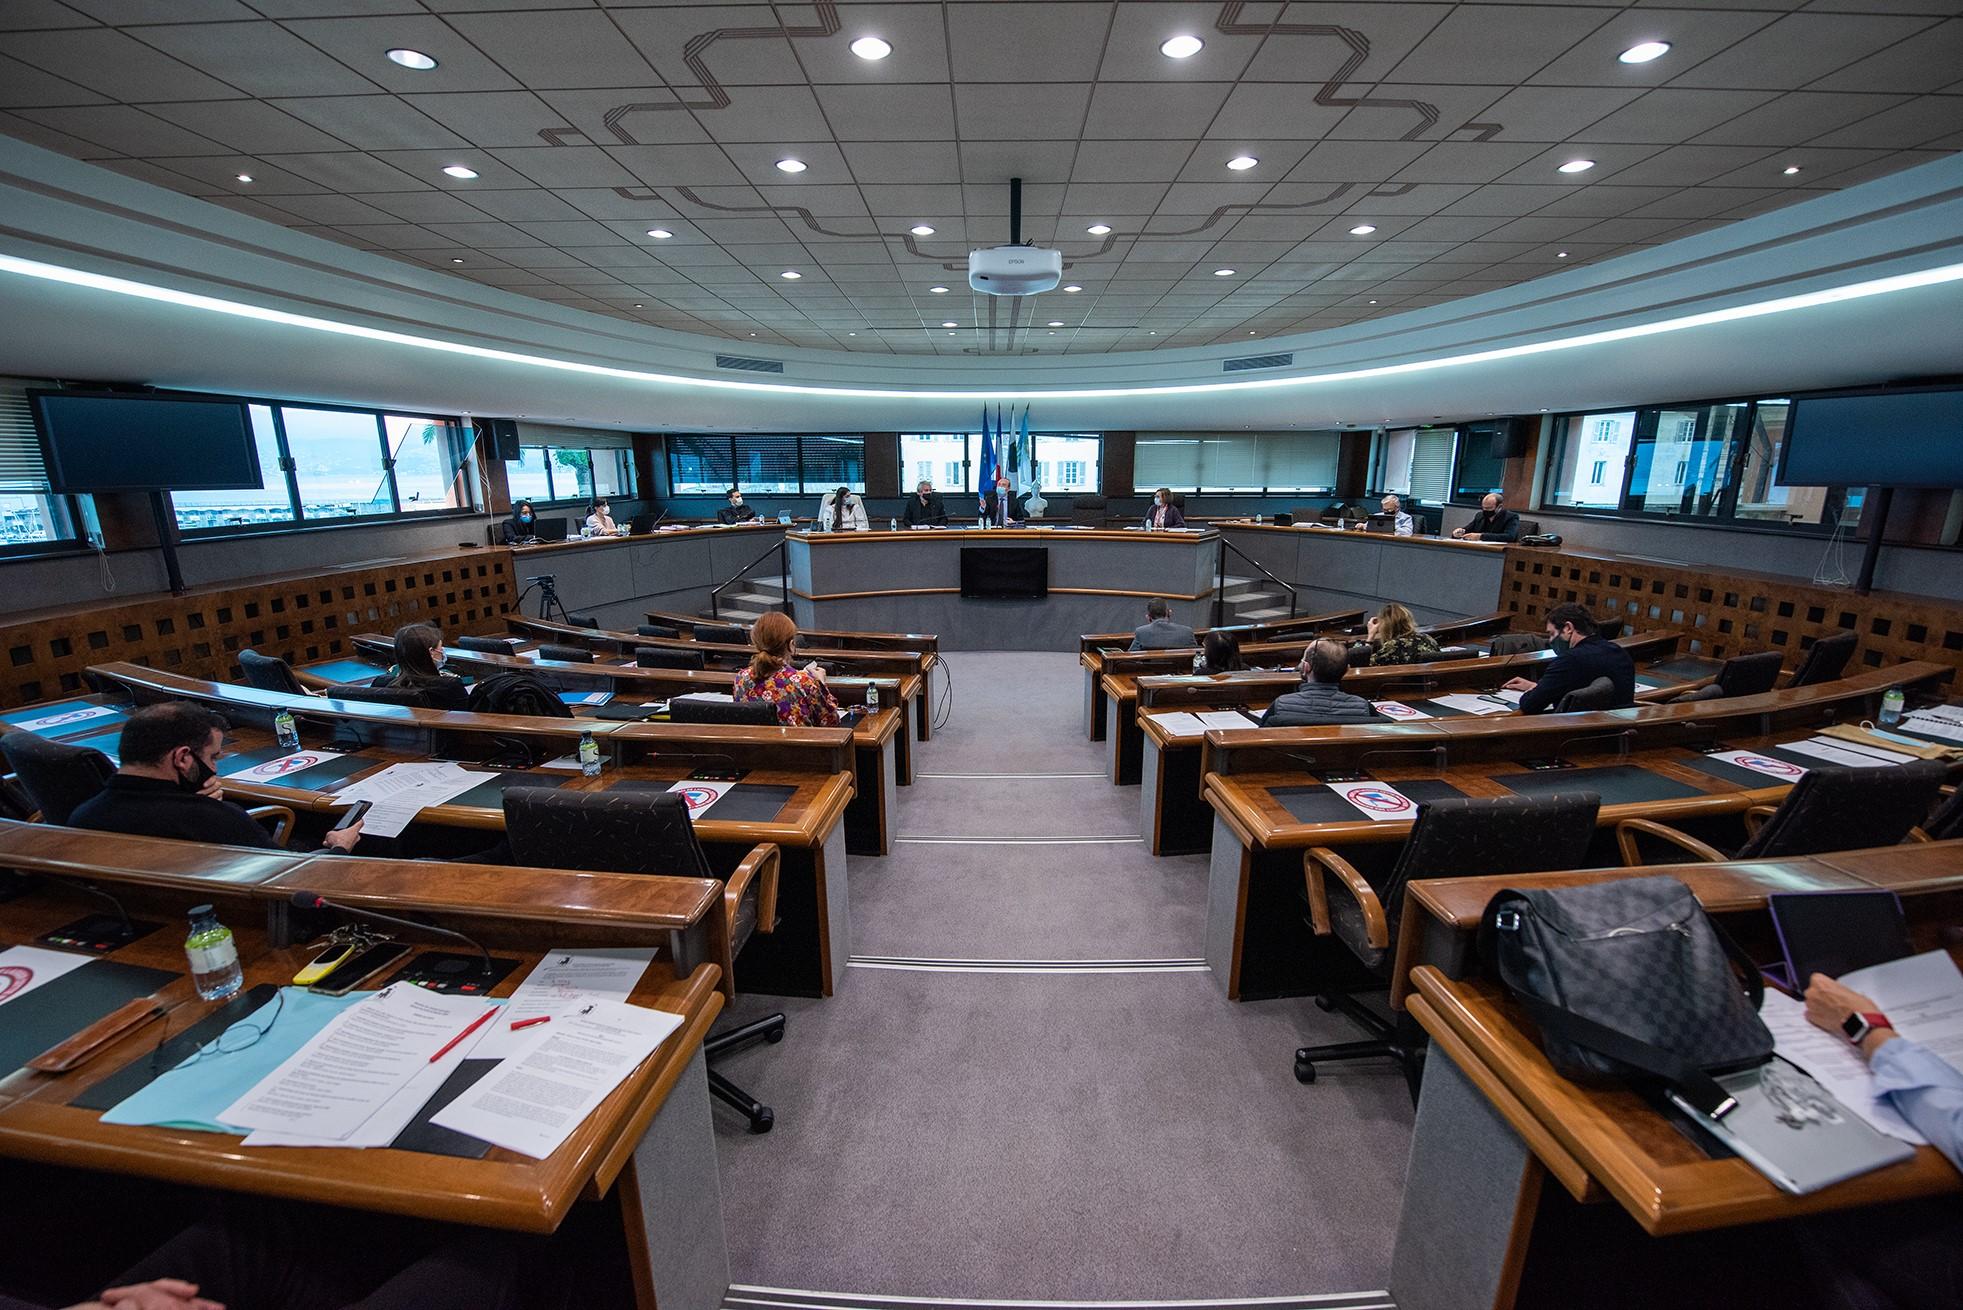 Le conseil municipal s'est tenu en visioconférence et retransmis sur le web, ce mardi 29 avril (Photos Ville d'Ajaccio)